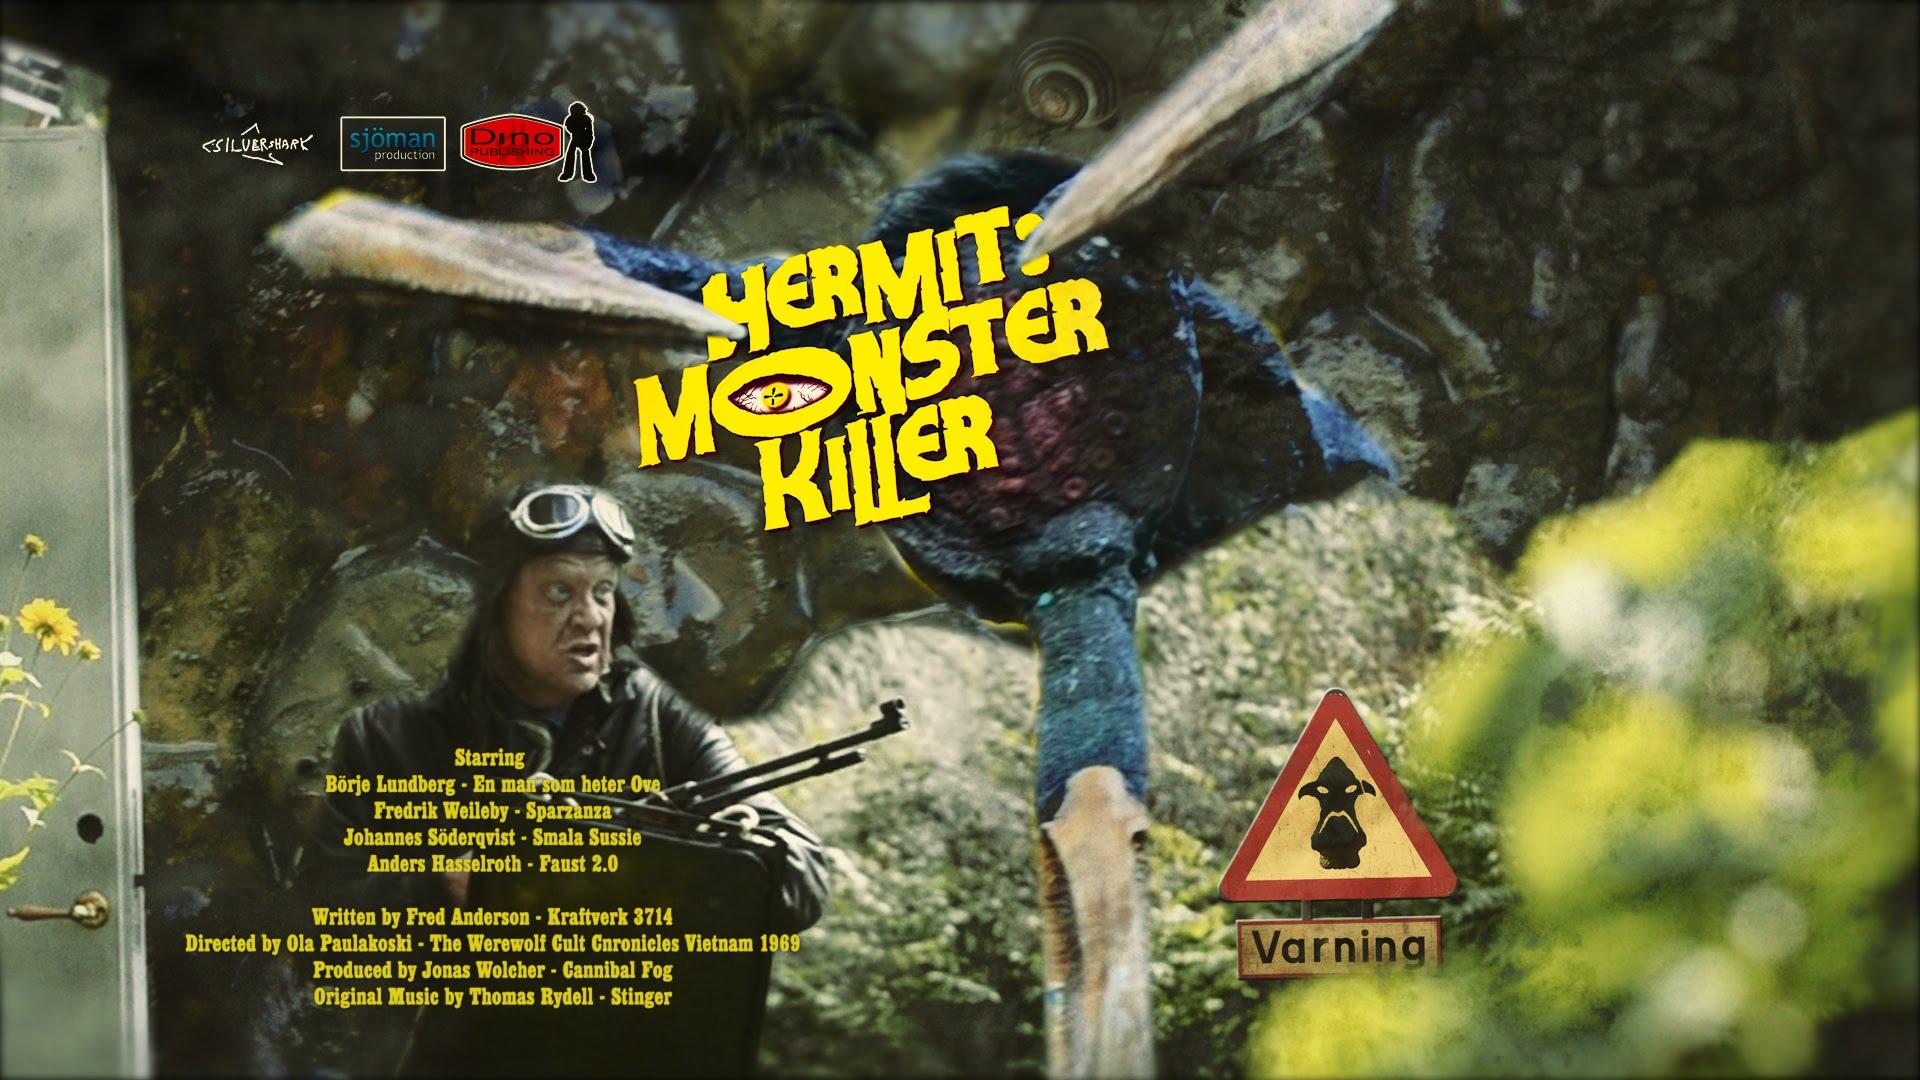 Hermit Monster Killer - Teaser trailer 2016